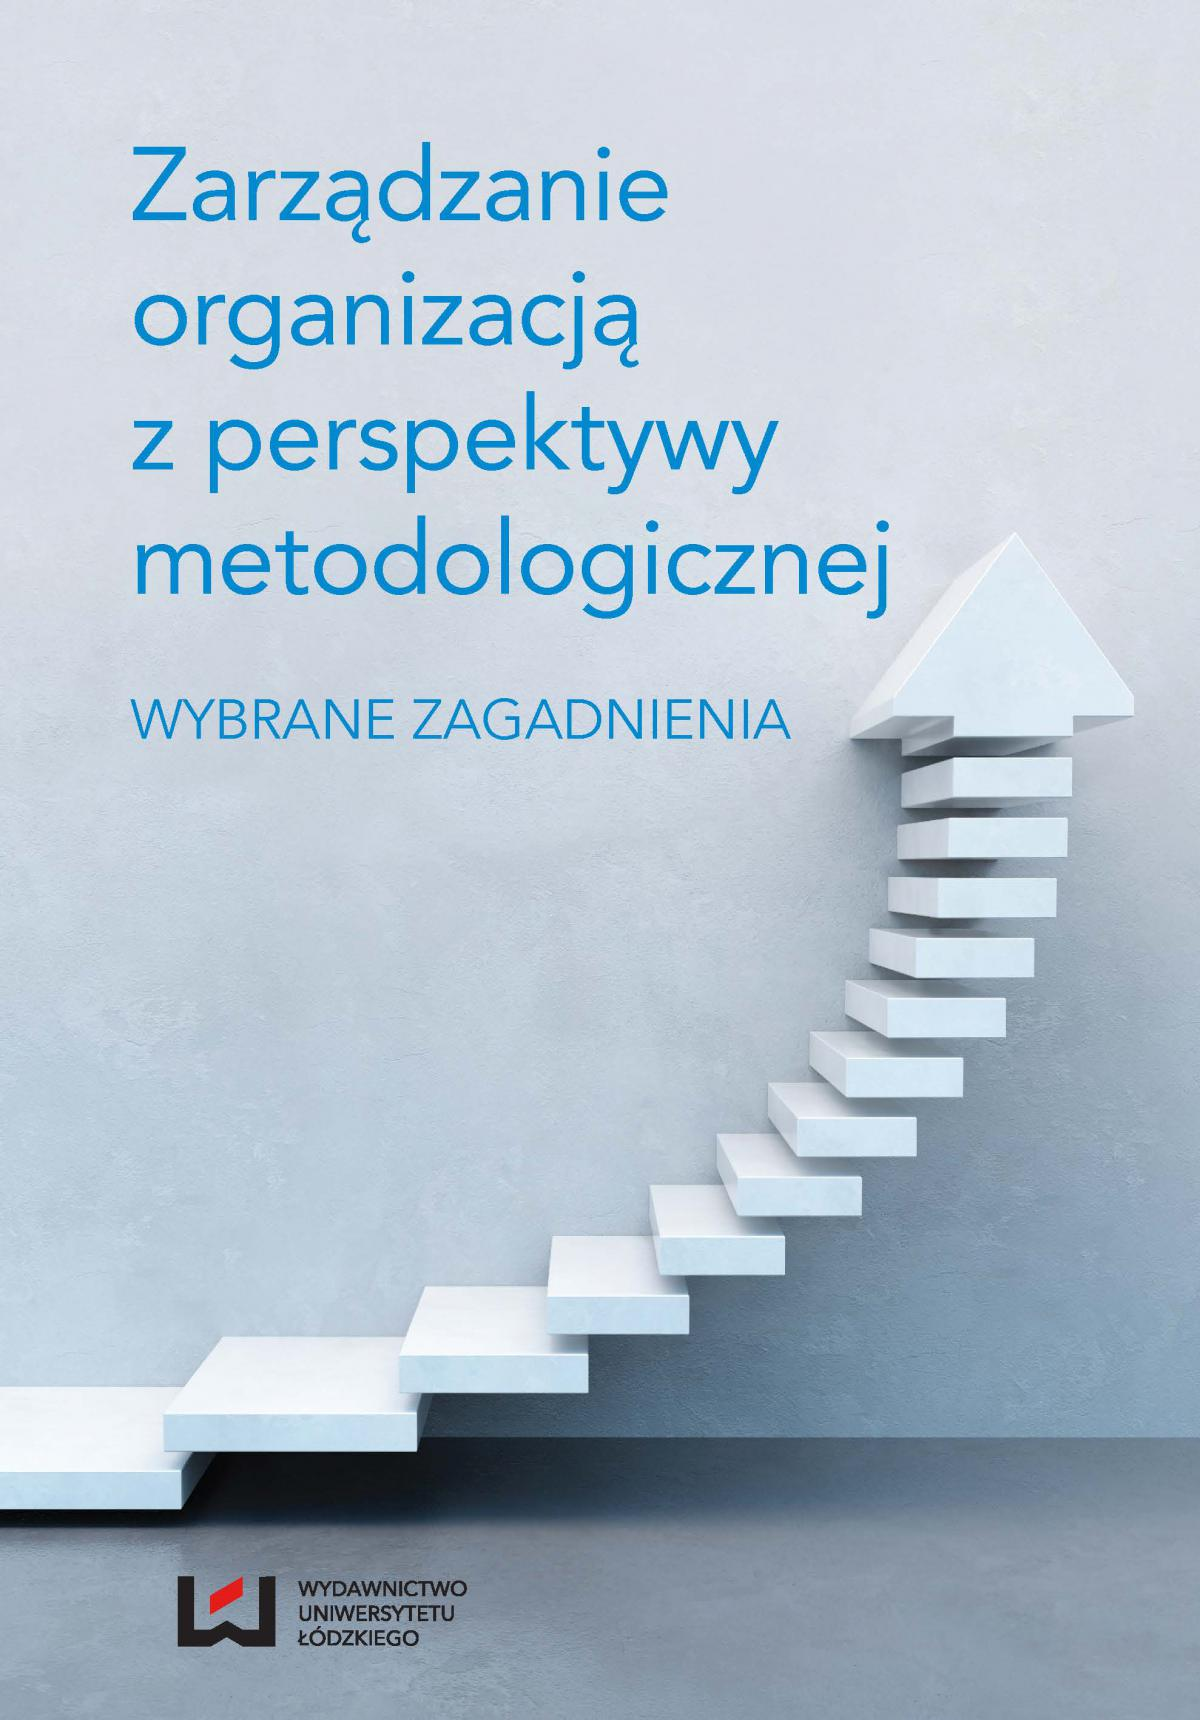 Zarządzanie organizacją z perspektywy metodologicznej. Wybrane zagadnienia - Ebook (Książka PDF) do pobrania w formacie PDF